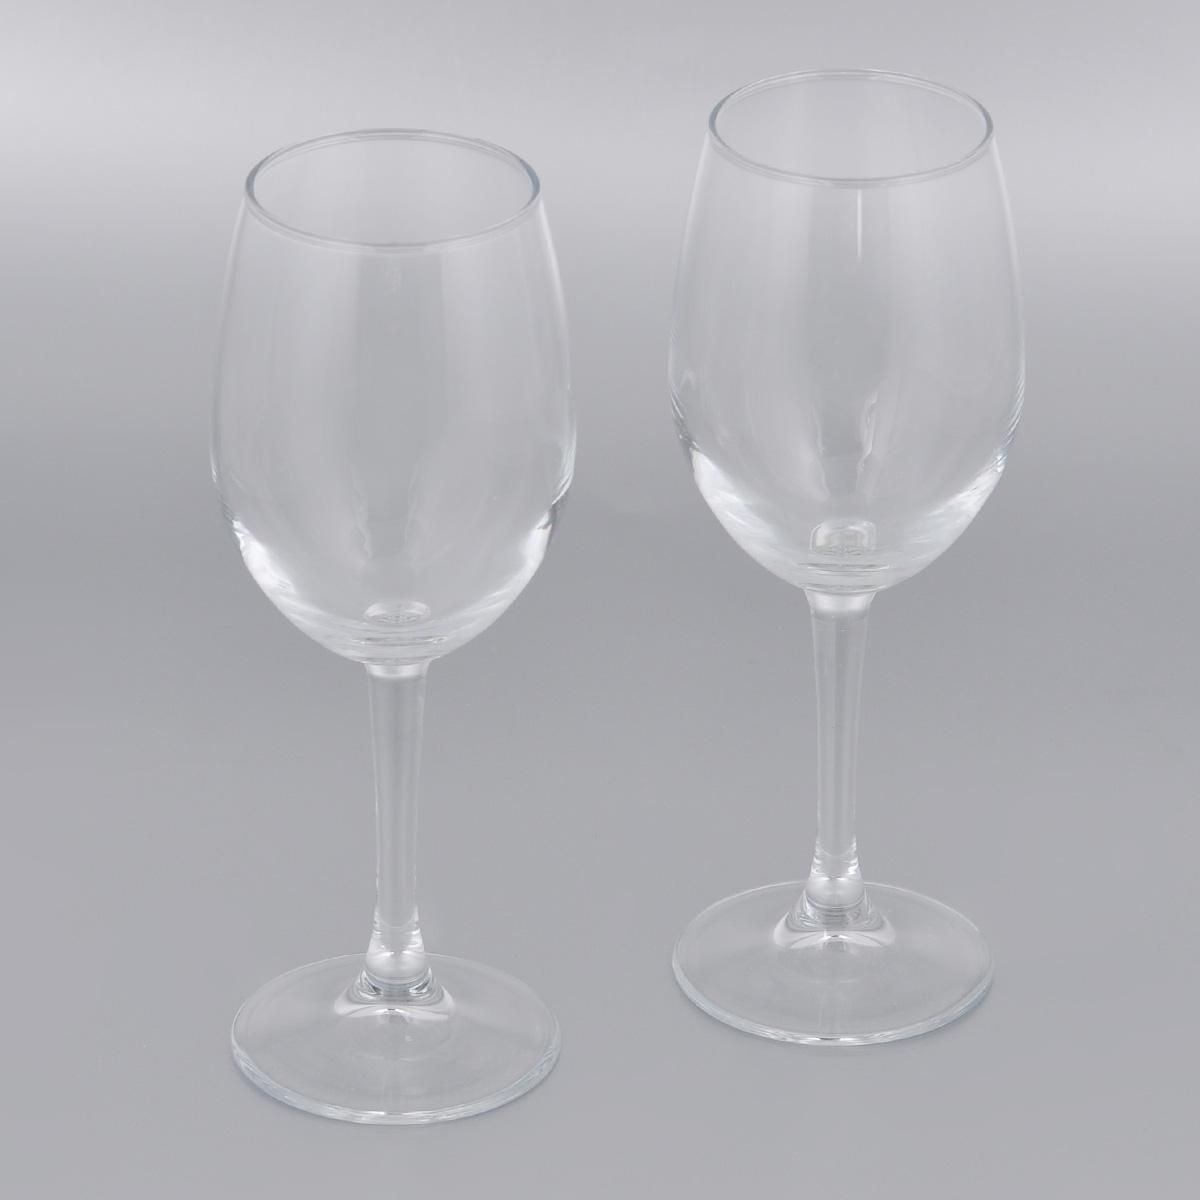 Набор бокалов для вина Pasabahce Classique, 360 мл, 2 шт440151BНабор Pasabahce Classique состоит из двух бокалов, выполненных из прочного натрий-кальций-силикатного стекла. Изделия оснащены высокими ножками. Бокалы предназначены для подачи вина. Они сочетают в себе элегантный дизайн и функциональность. Благодаря такому набору пить напитки будет еще вкуснее. Набор бокалов Pasabahce Classique прекрасно оформит праздничный стол и создаст приятную атмосферу за романтическим ужином. Такой набор также станет хорошим подарком к любому случаю. Можно мыть в посудомоечной машине и использовать в микроволновой печи. Диаметр бокала (по верхнему краю): 6 см. Высота бокала: 21,3 см.